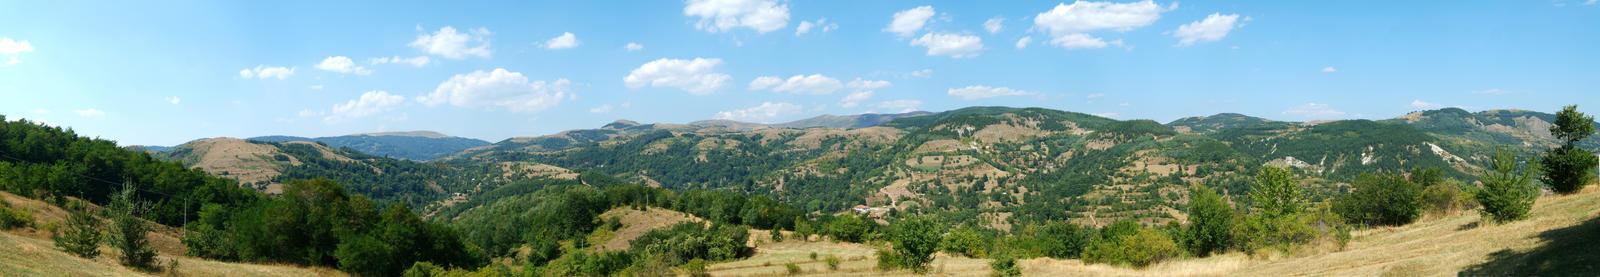 SW in Macedonia: Summertime v2 by dmakreshanski